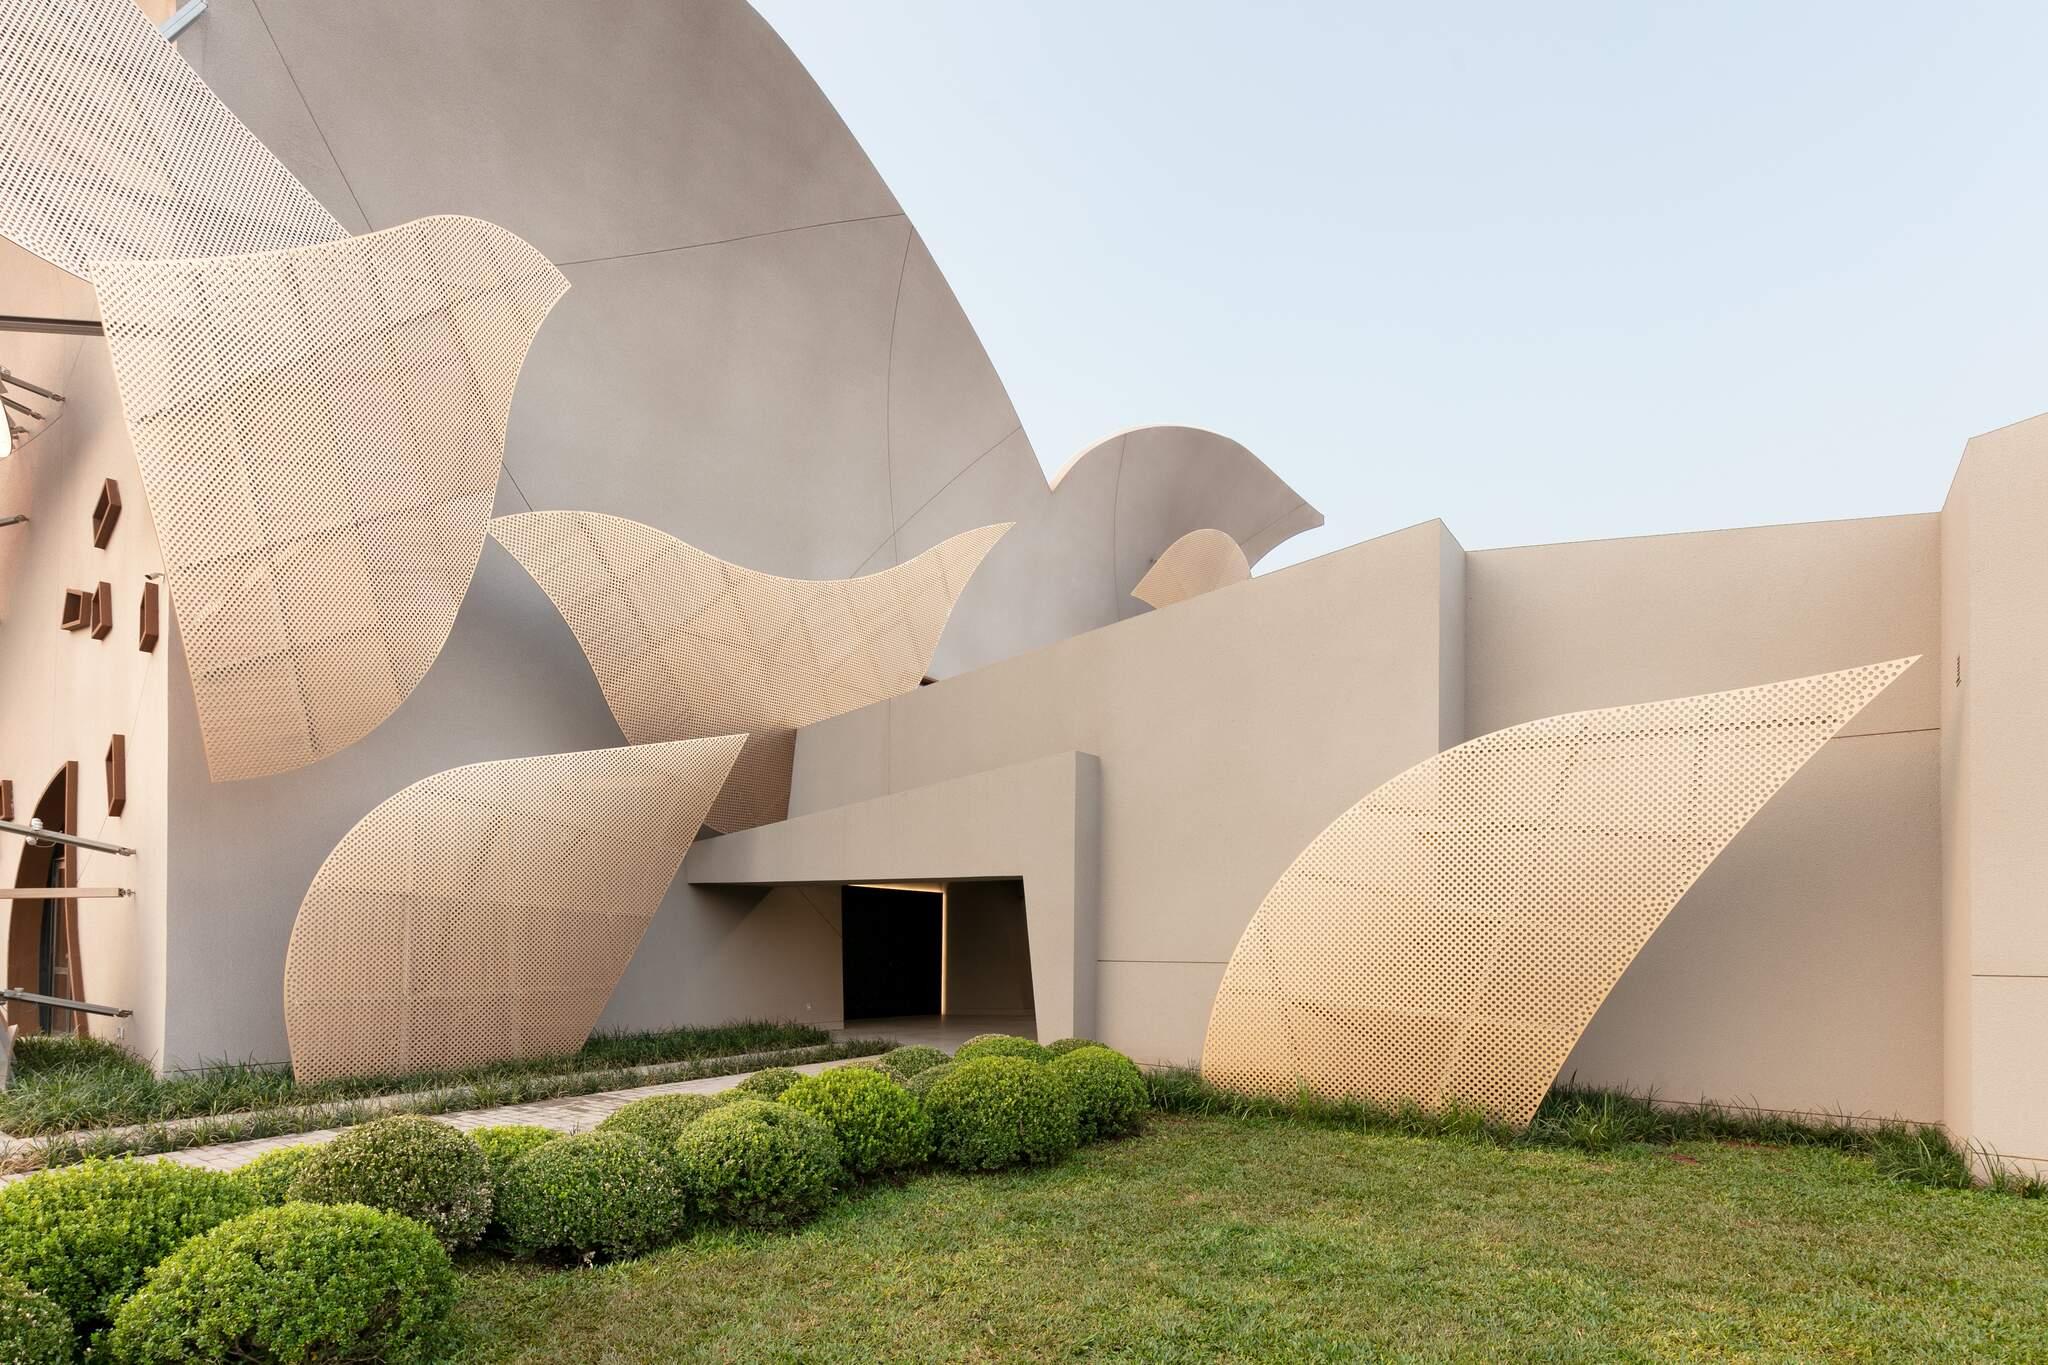 Volumetria da fachada é ponto alto de empreendimento que tem gerado muita curiosidade no Vila Nasser. (Foto: Fellipe Lima)